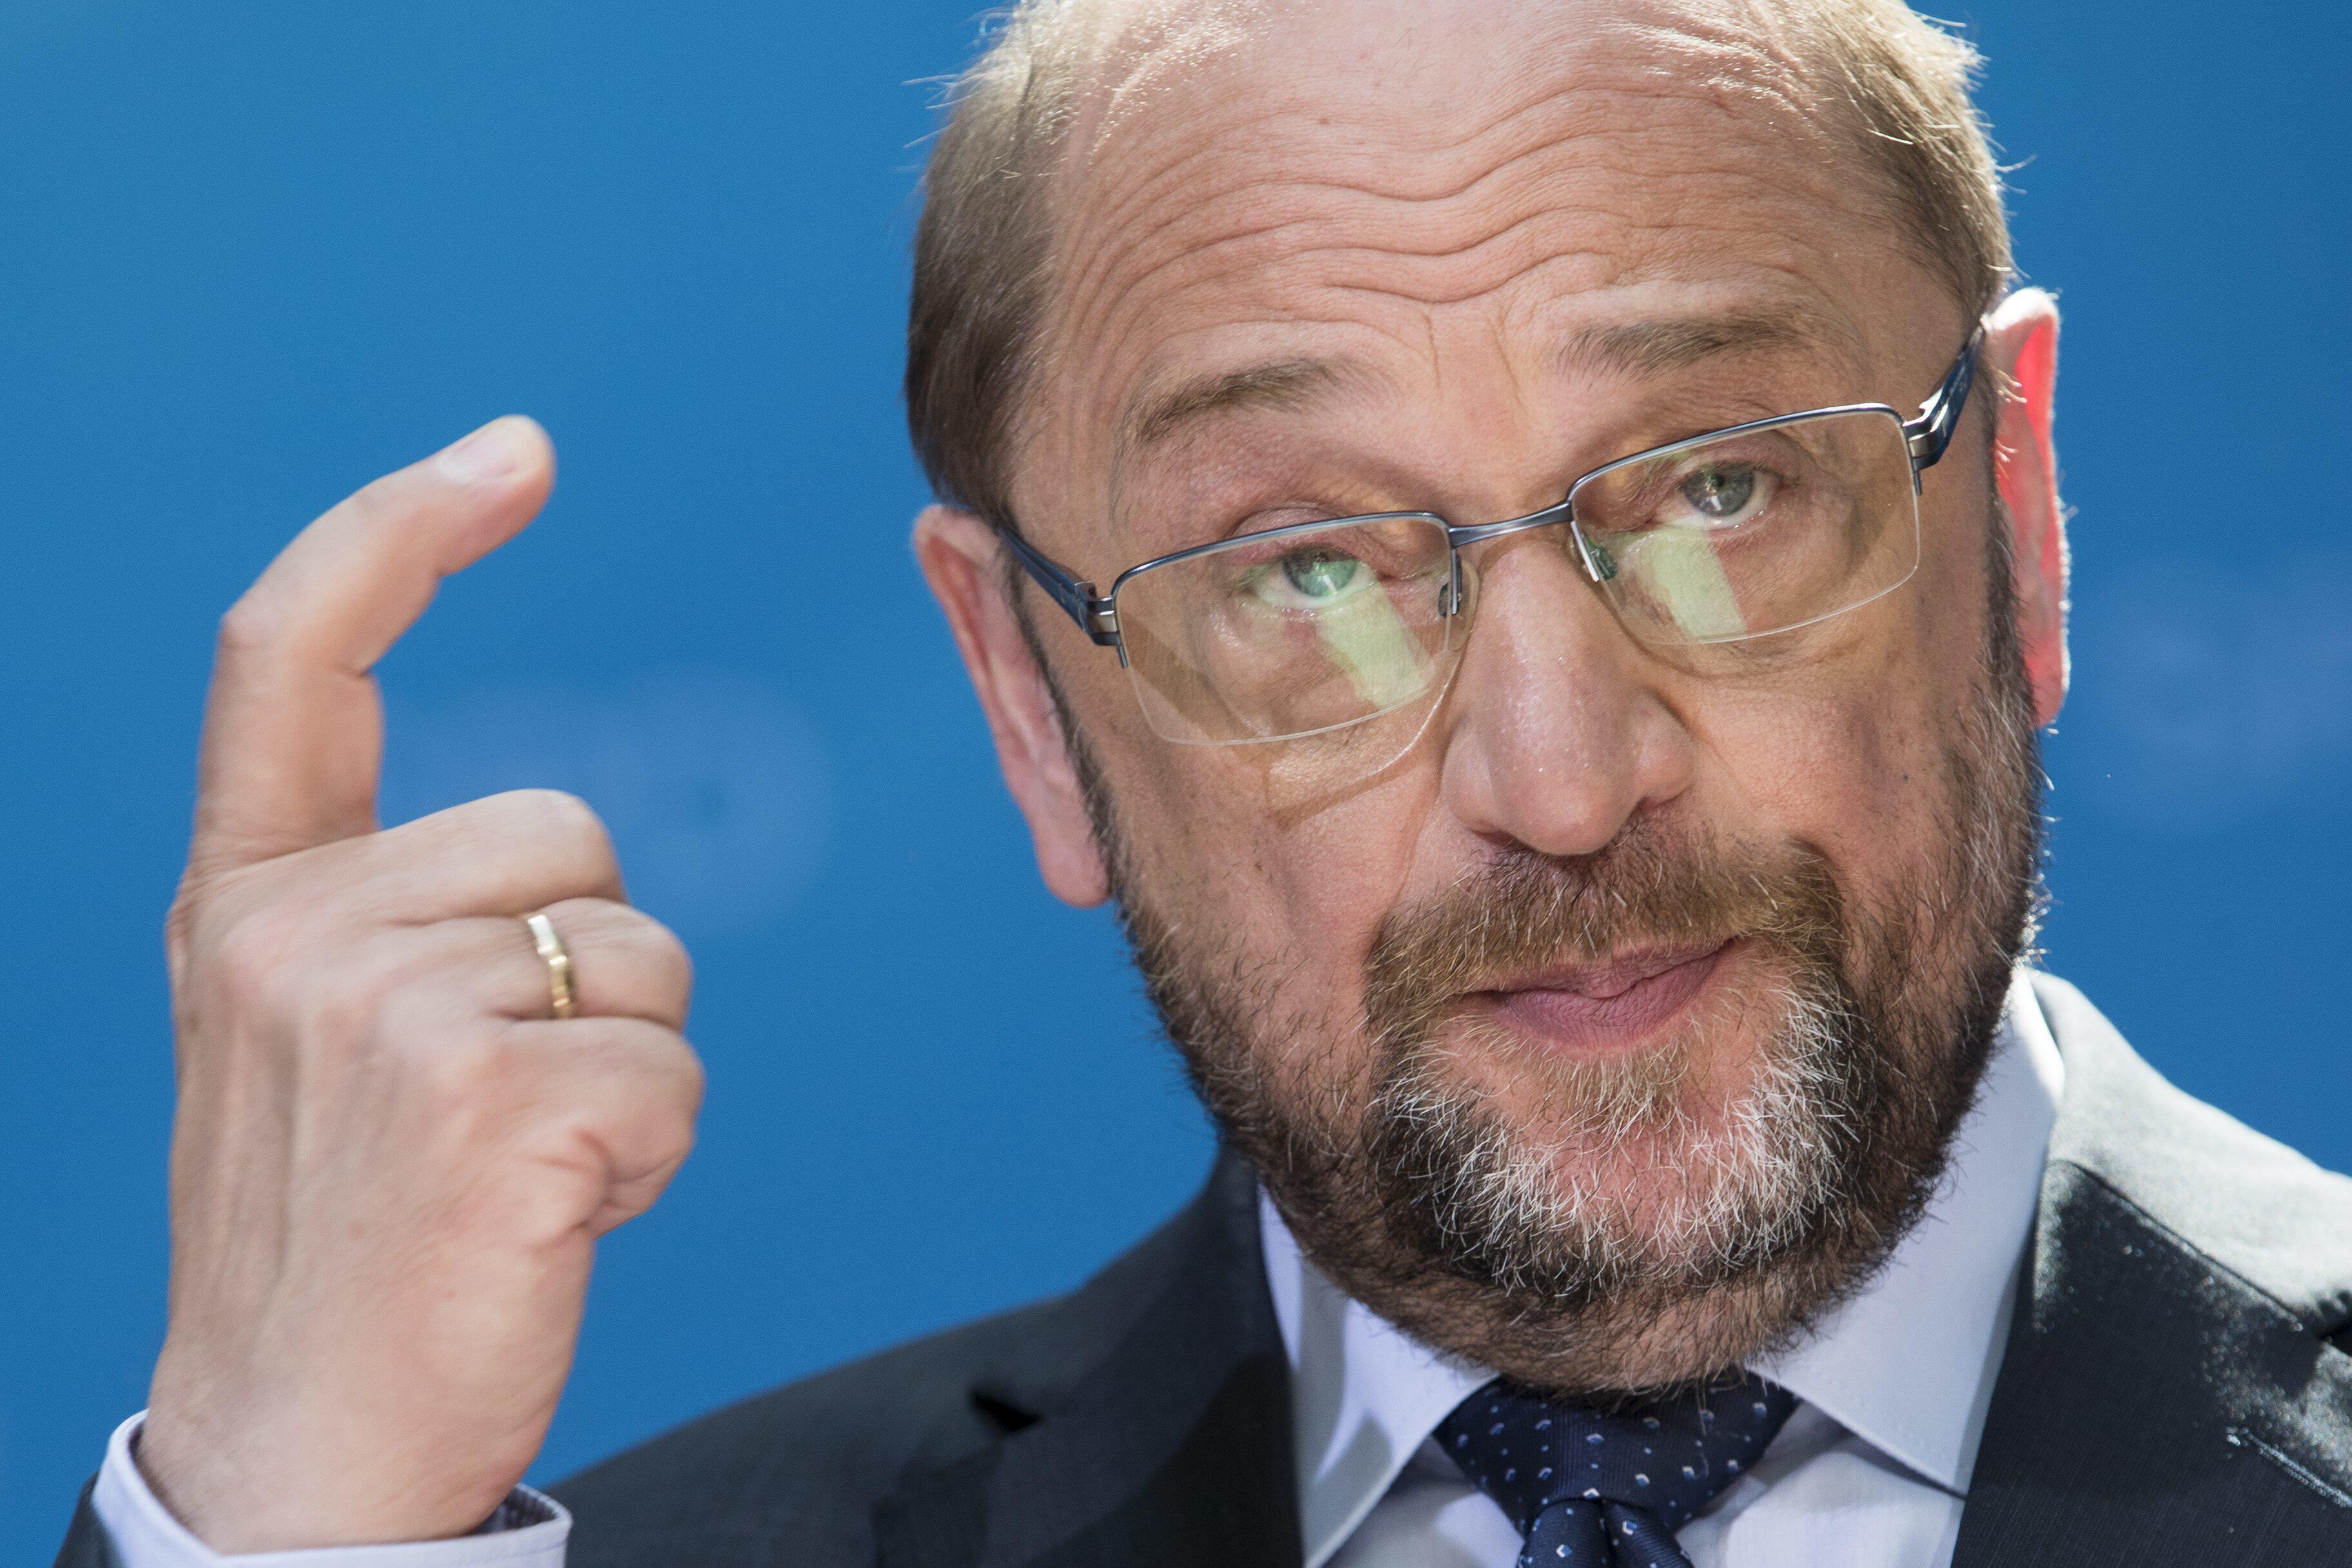 Bild zu Martin Schulz, Bundestagswahl, Kuriose Fakten